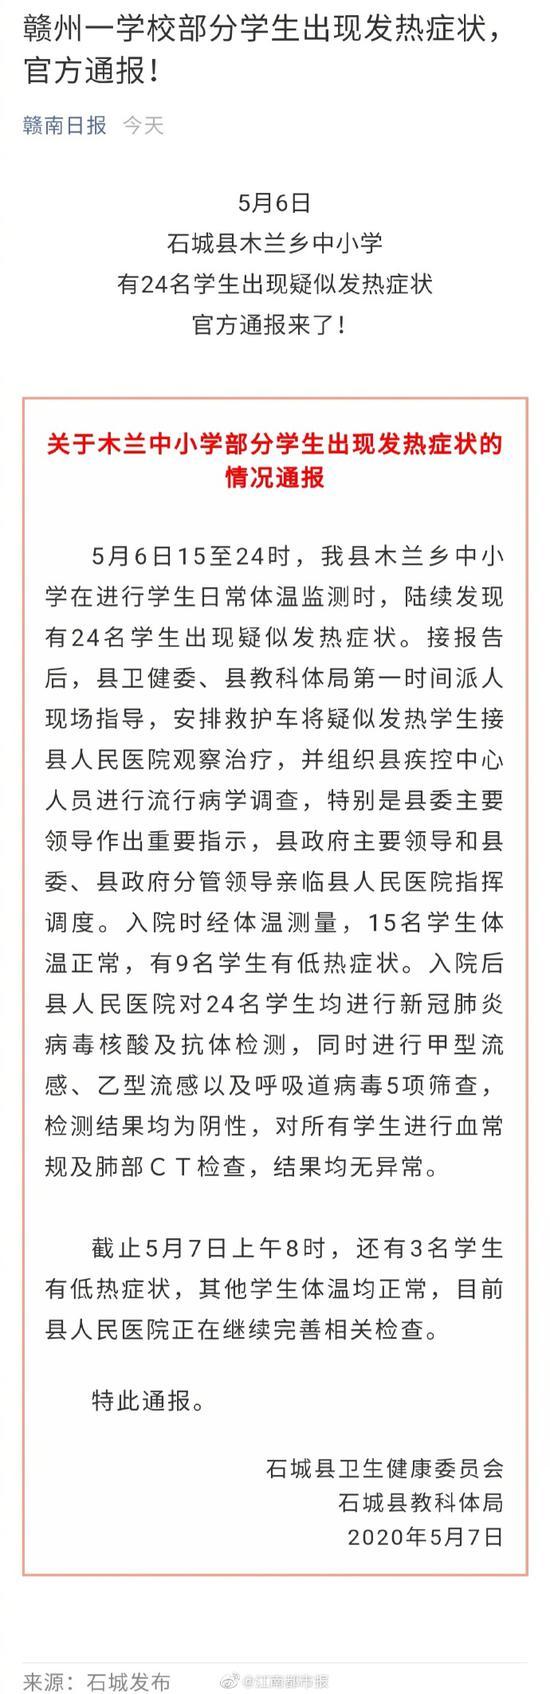 江西24名中学生出现疑似发热症状,官方:核酸检测均为阴性图片